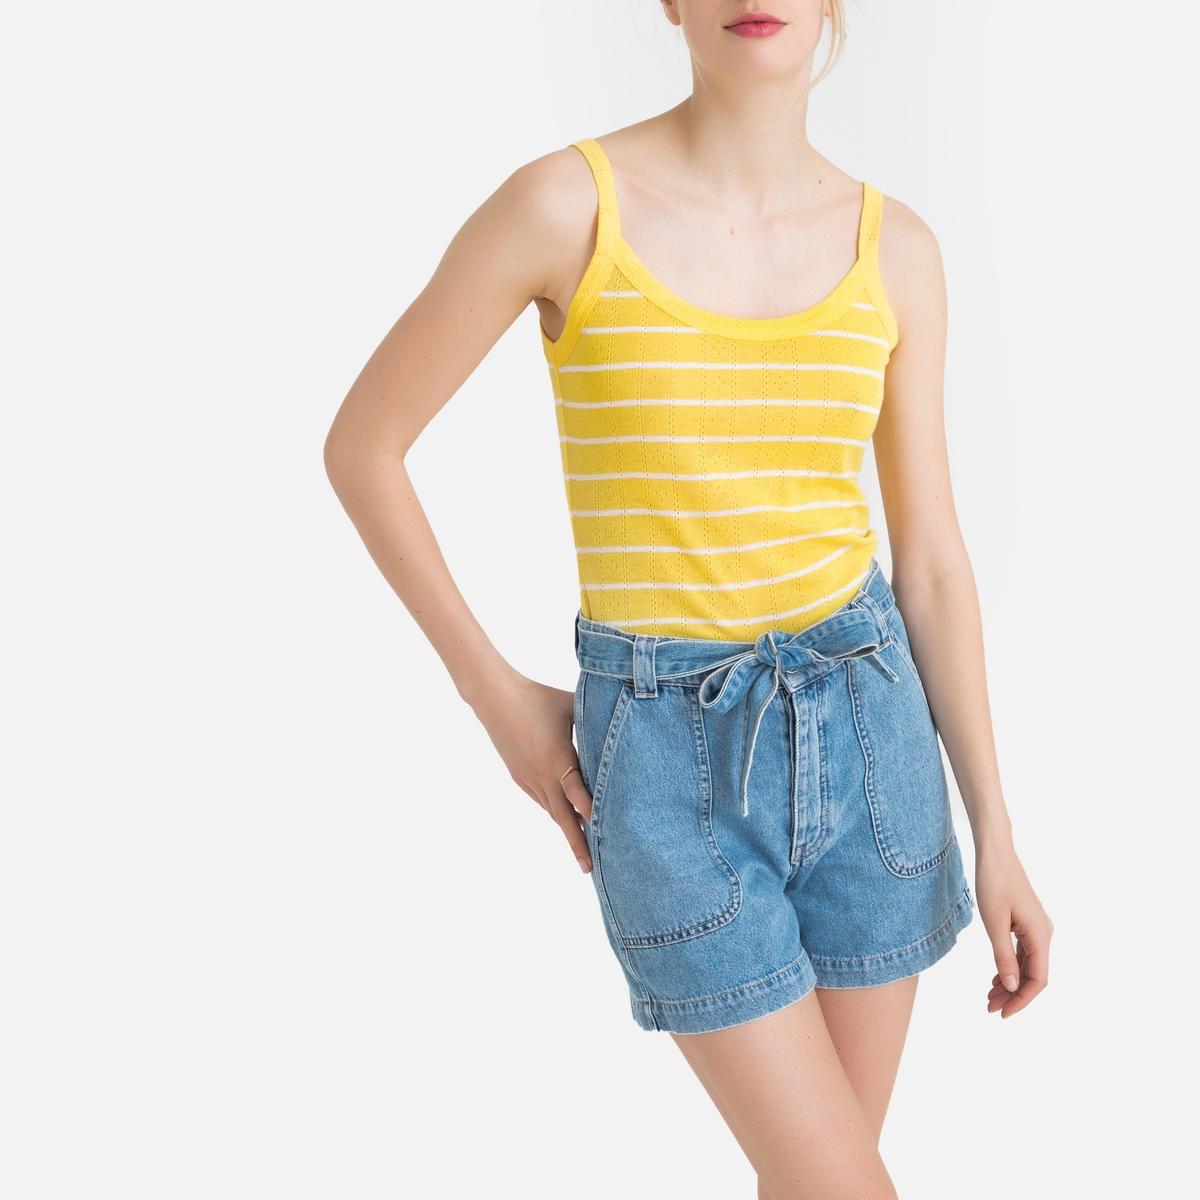 цена Топ La Redoute В полоску на тонких бретелях M желтый онлайн в 2017 году